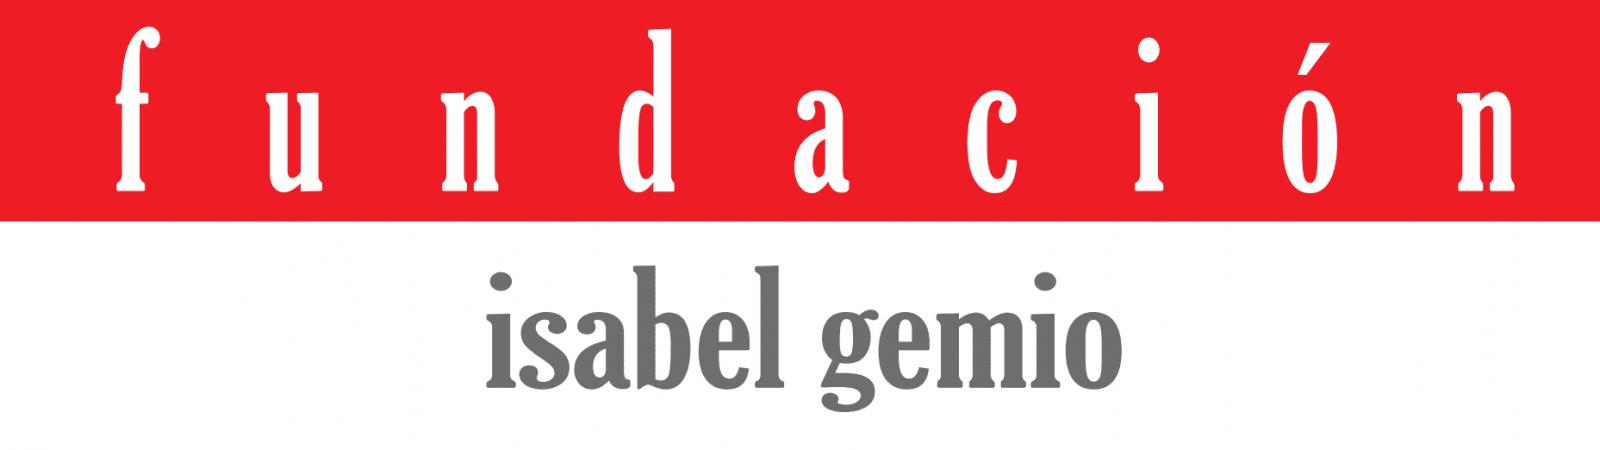 fundacion-isabel-gemio